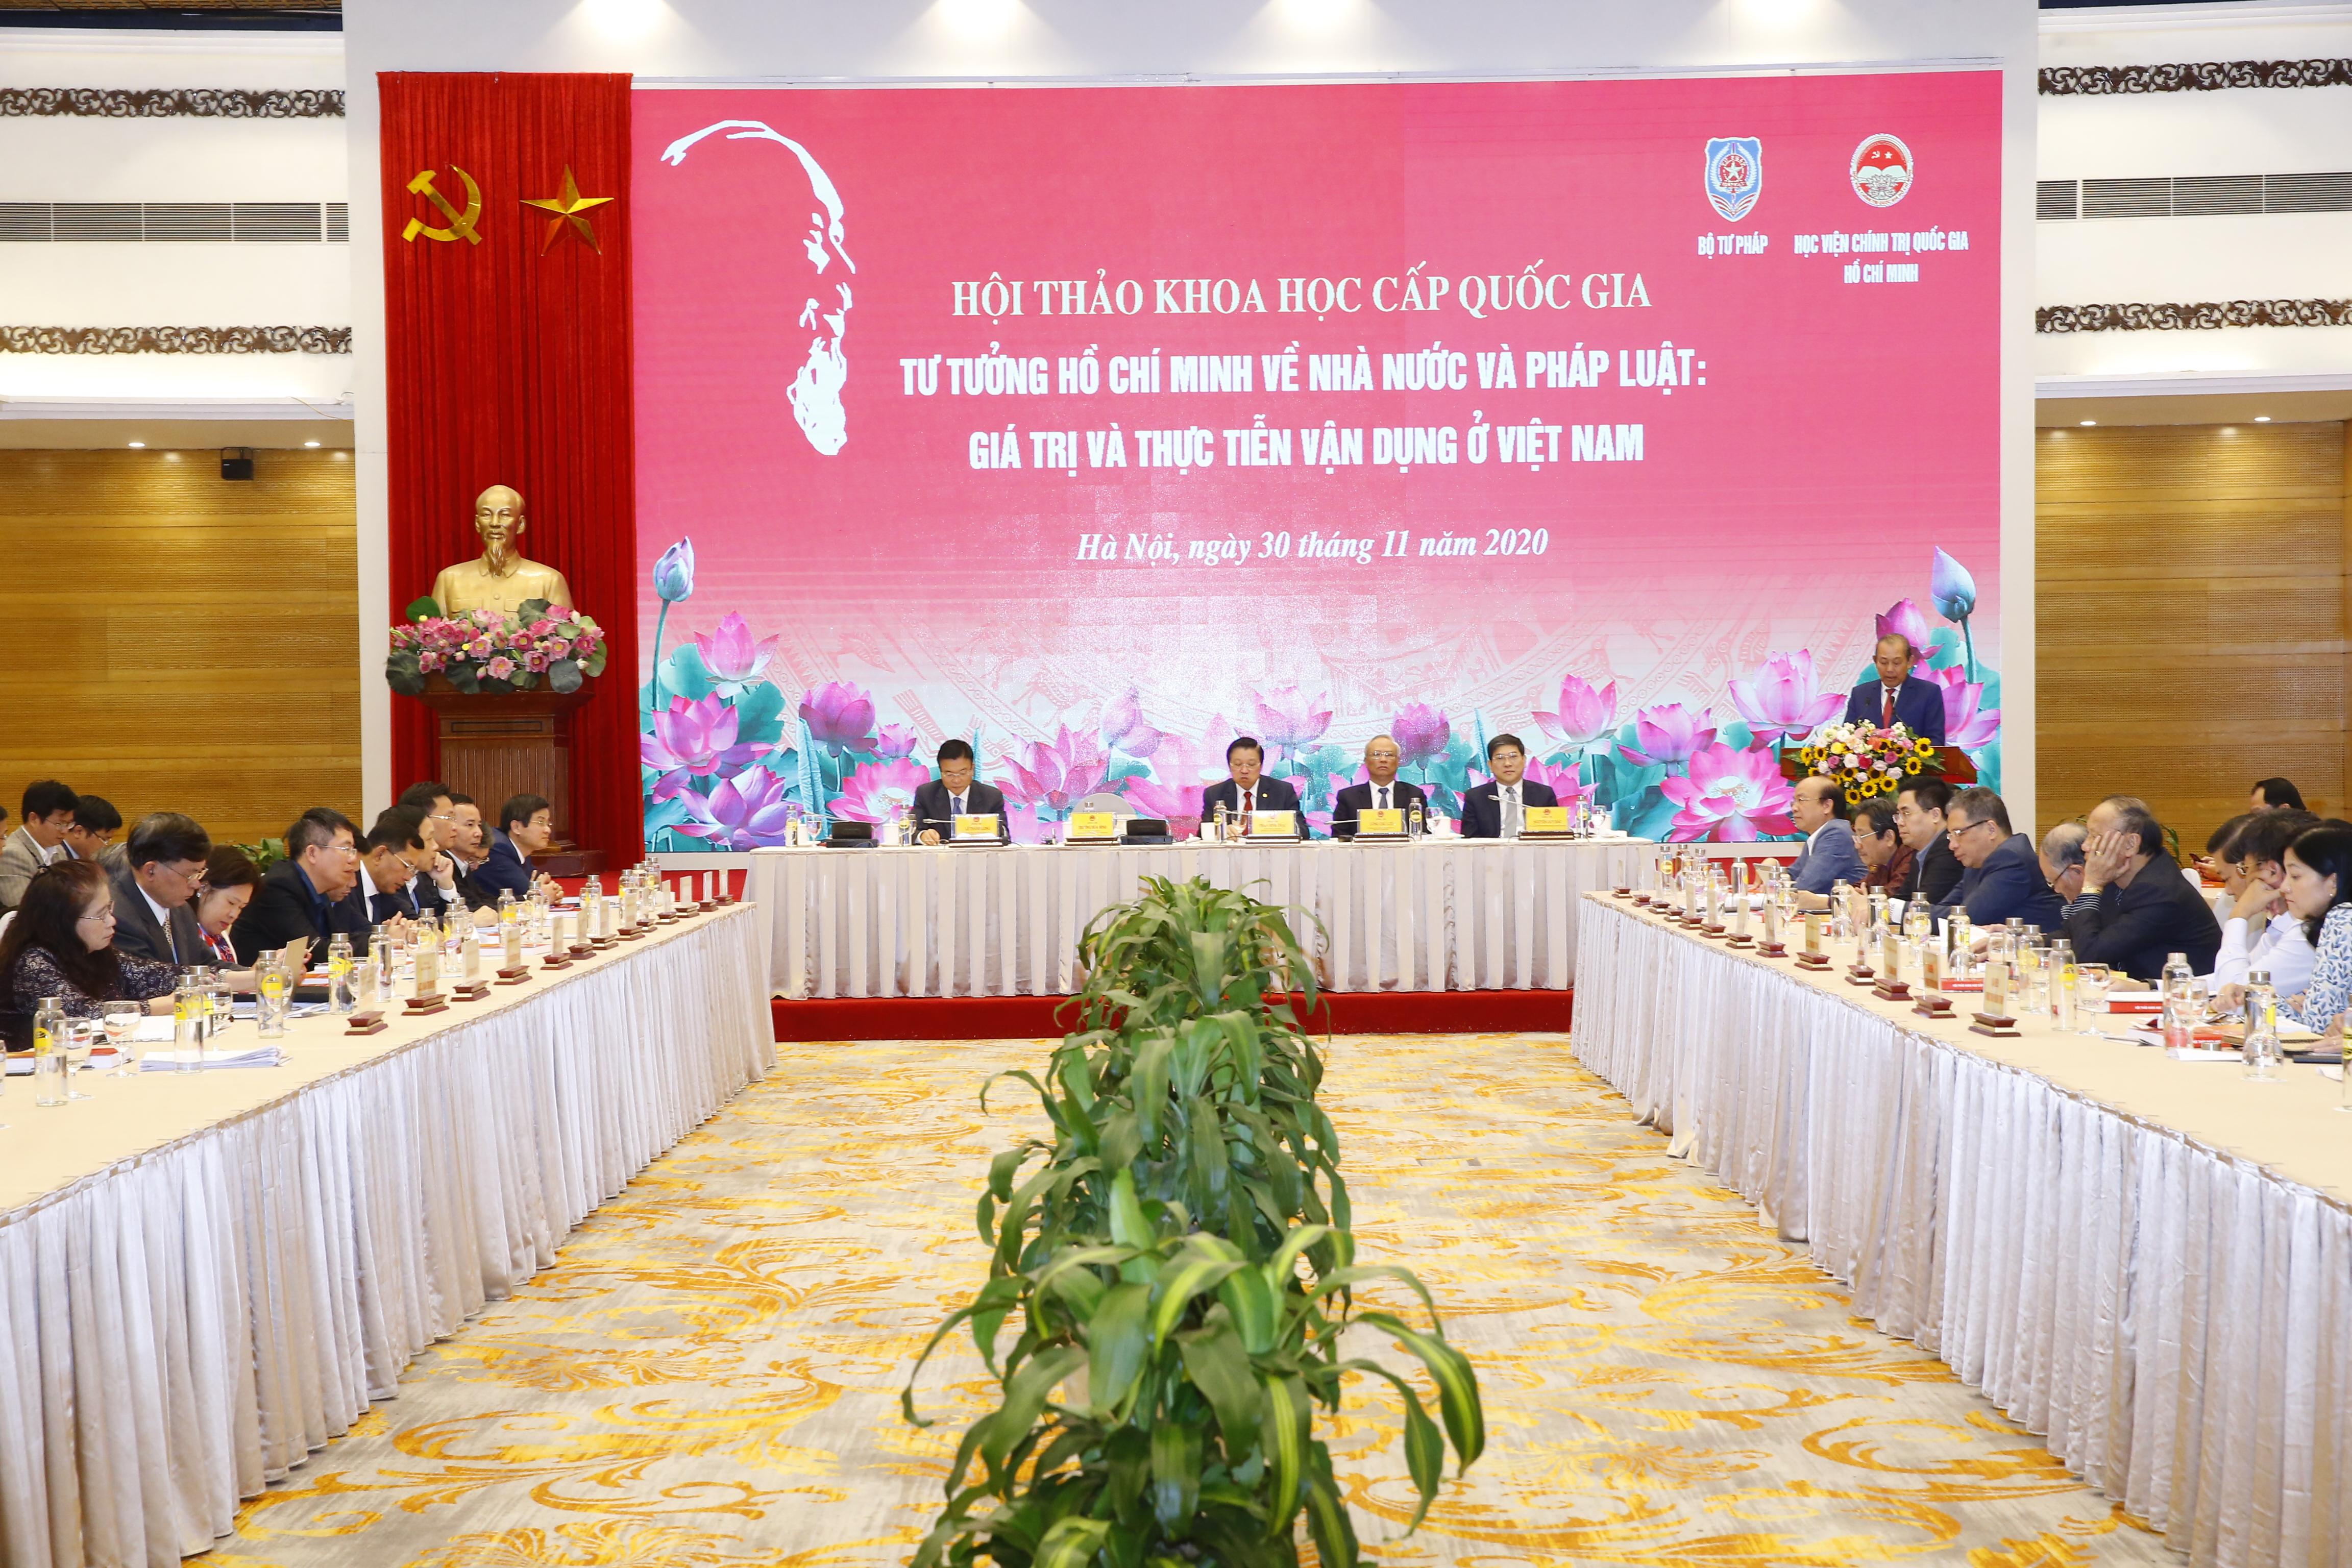 Phó Thủ tướng Thường trực dự Hội thảo khoa học cấp quốc gia về tư tưởng Hồ Chí Minh